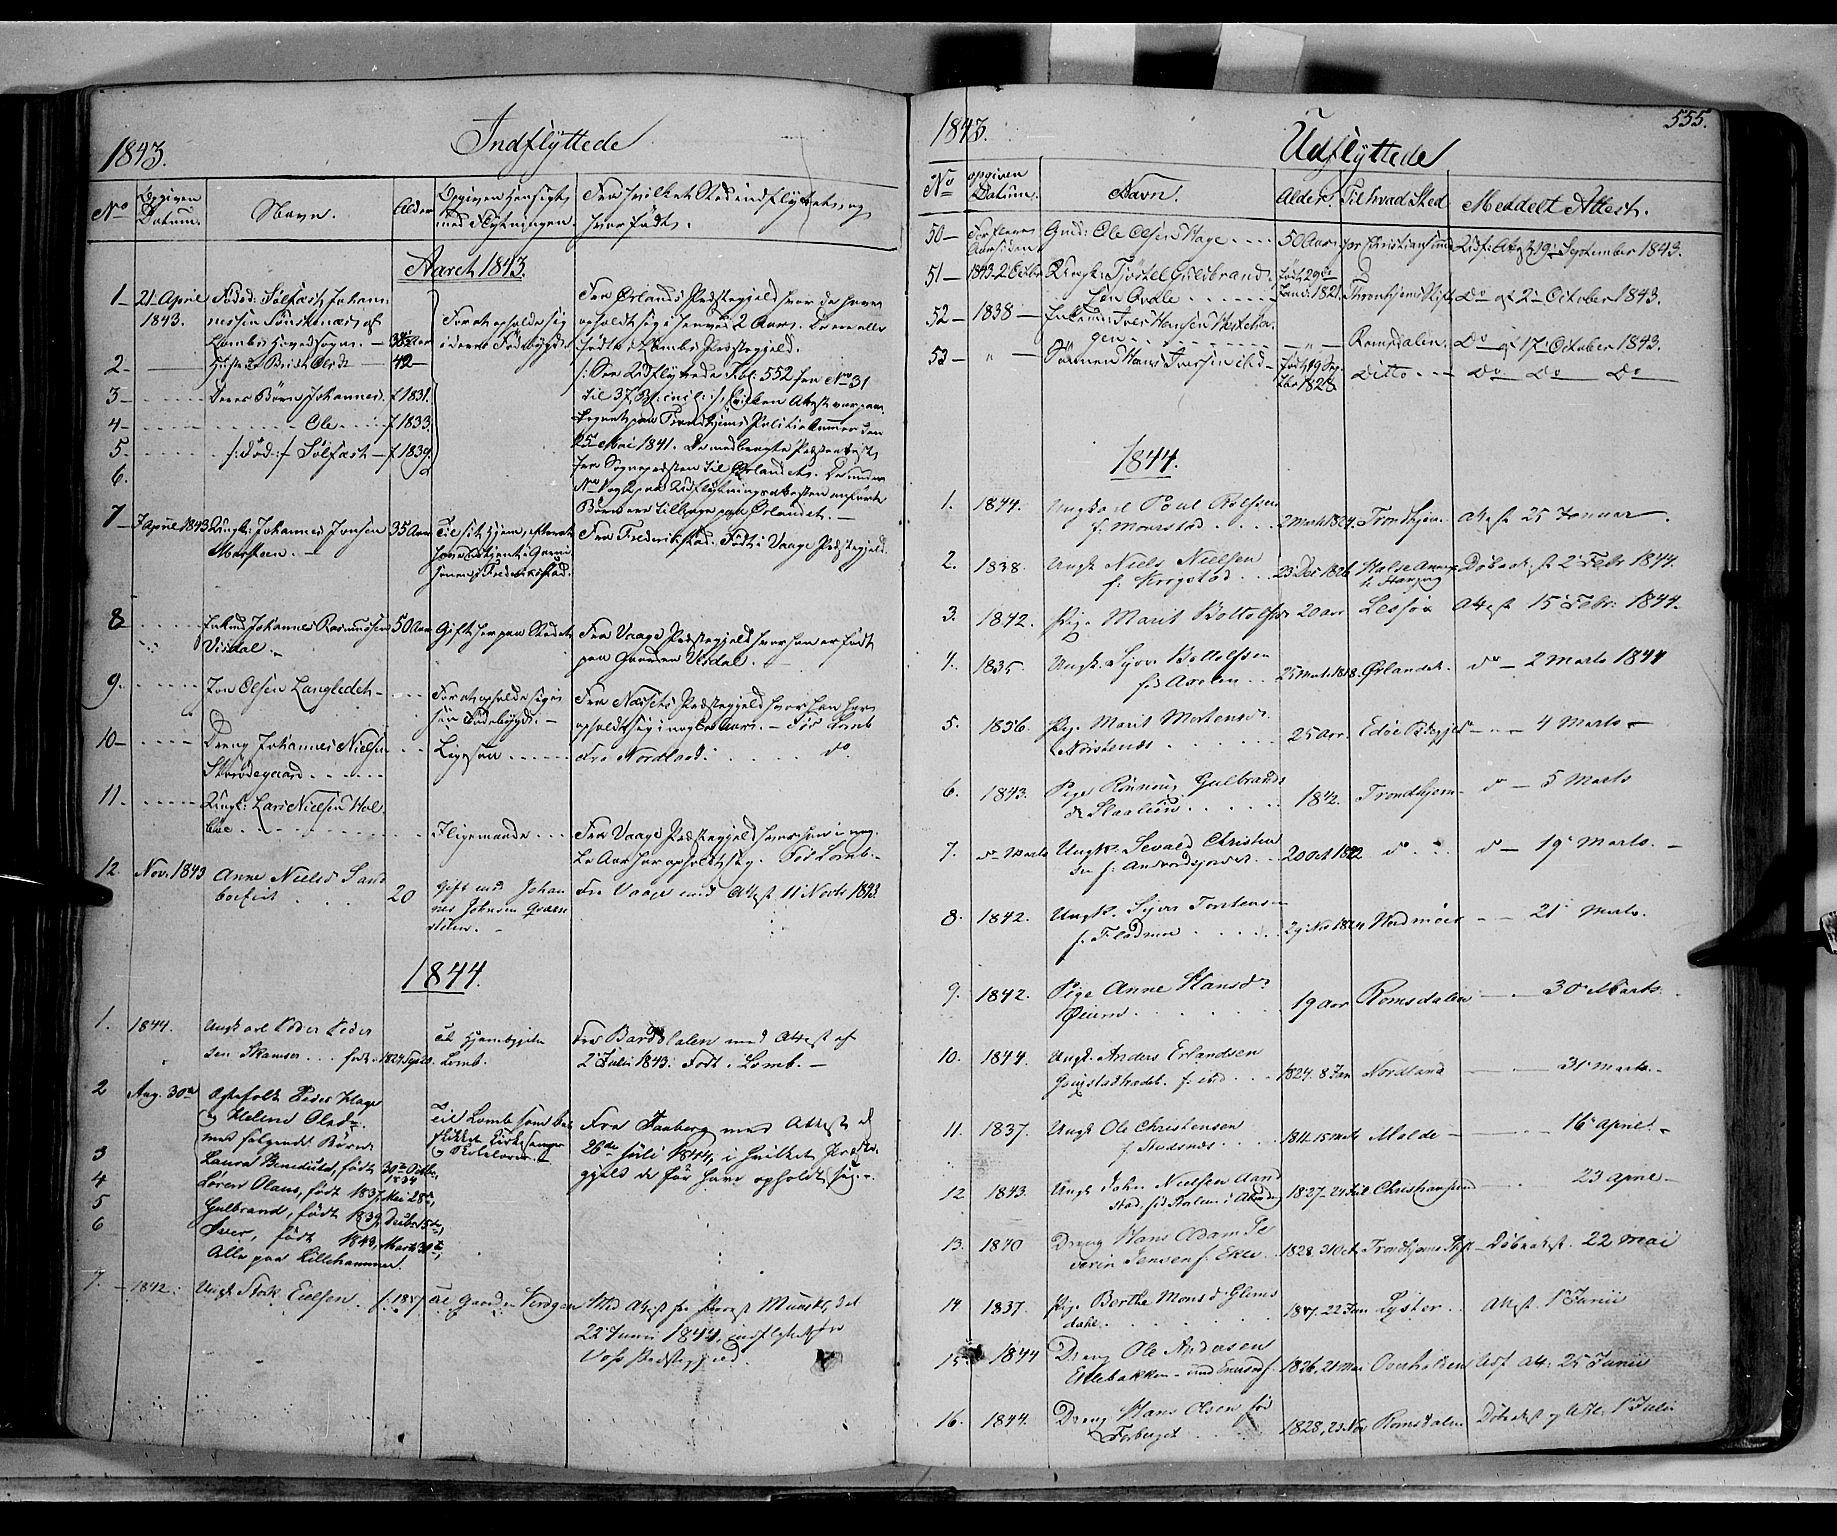 SAH, Lom prestekontor, K/L0006: Ministerialbok nr. 6B, 1837-1863, s. 555